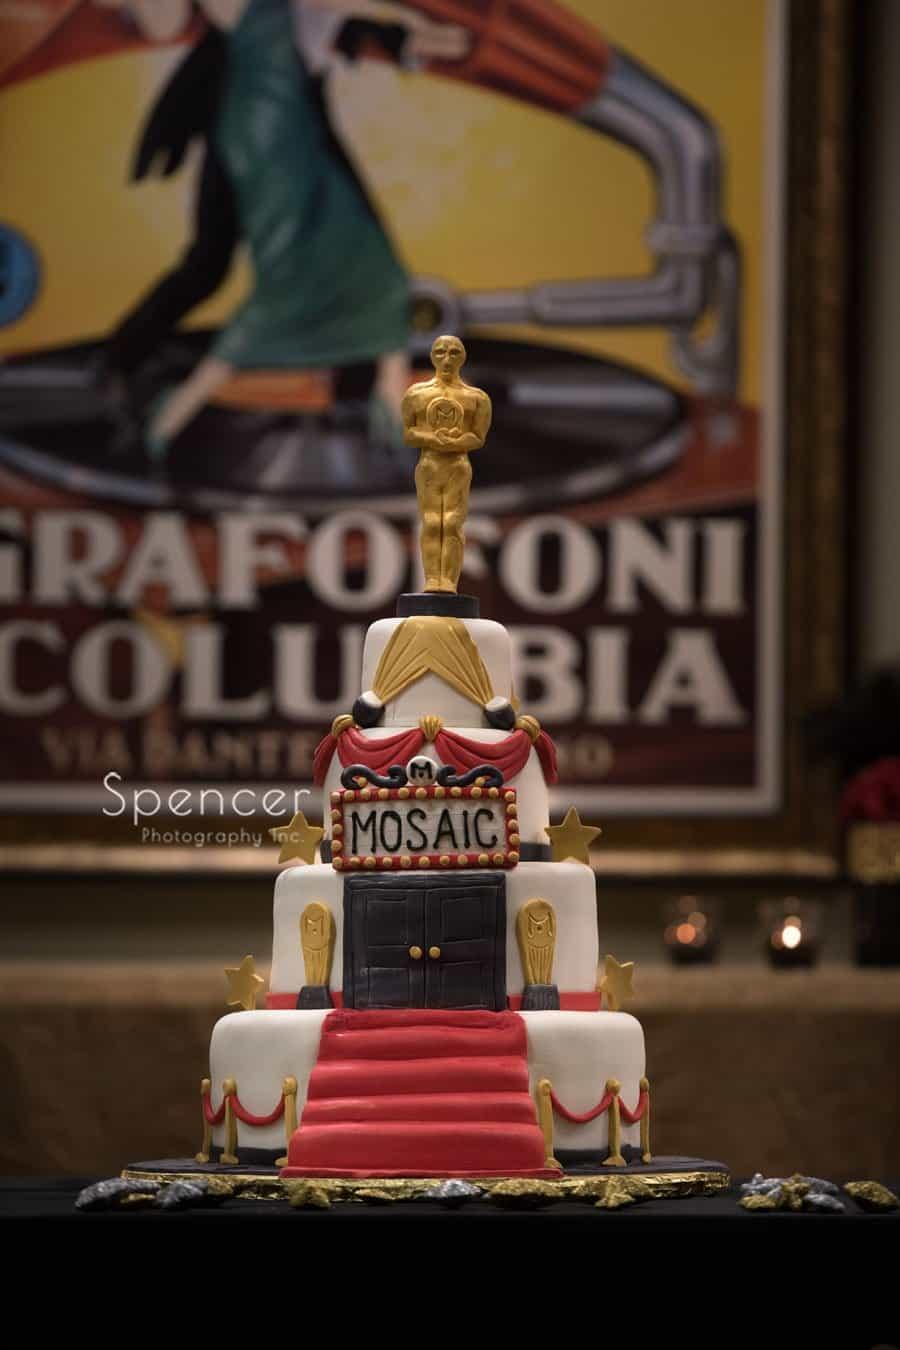 cake at wadsworth ohio awards event